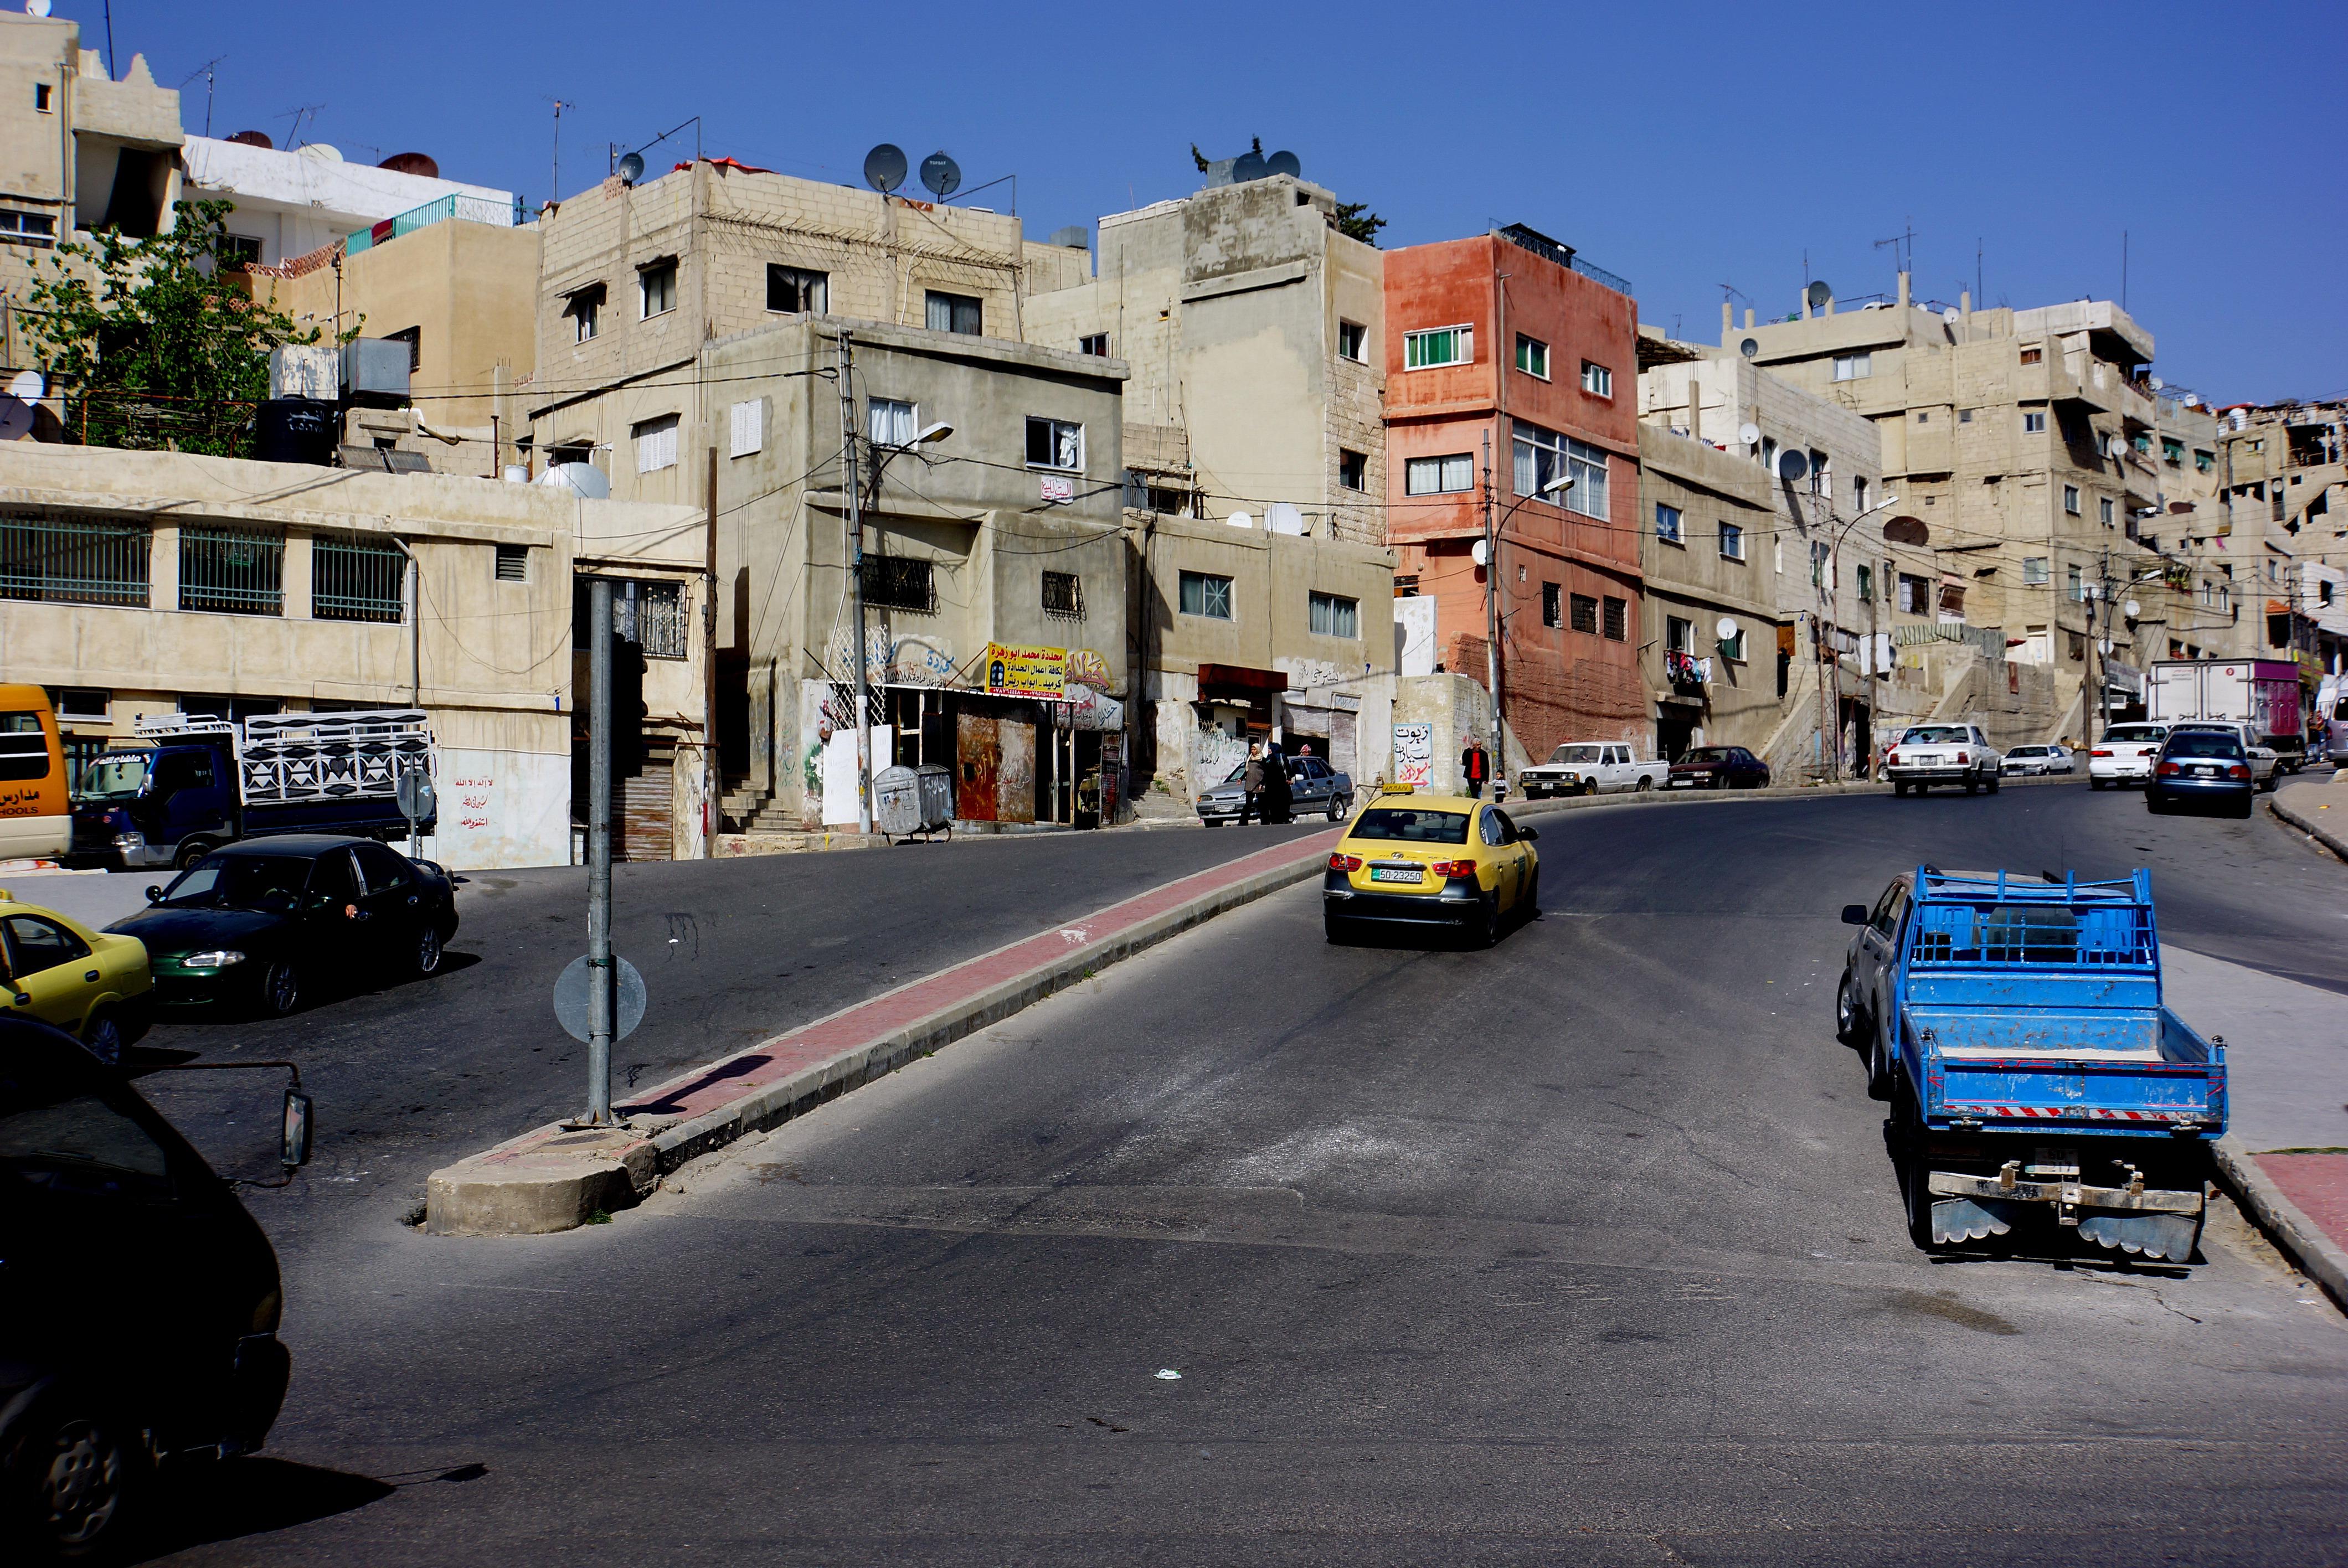 安曼市区  Amman City   -1